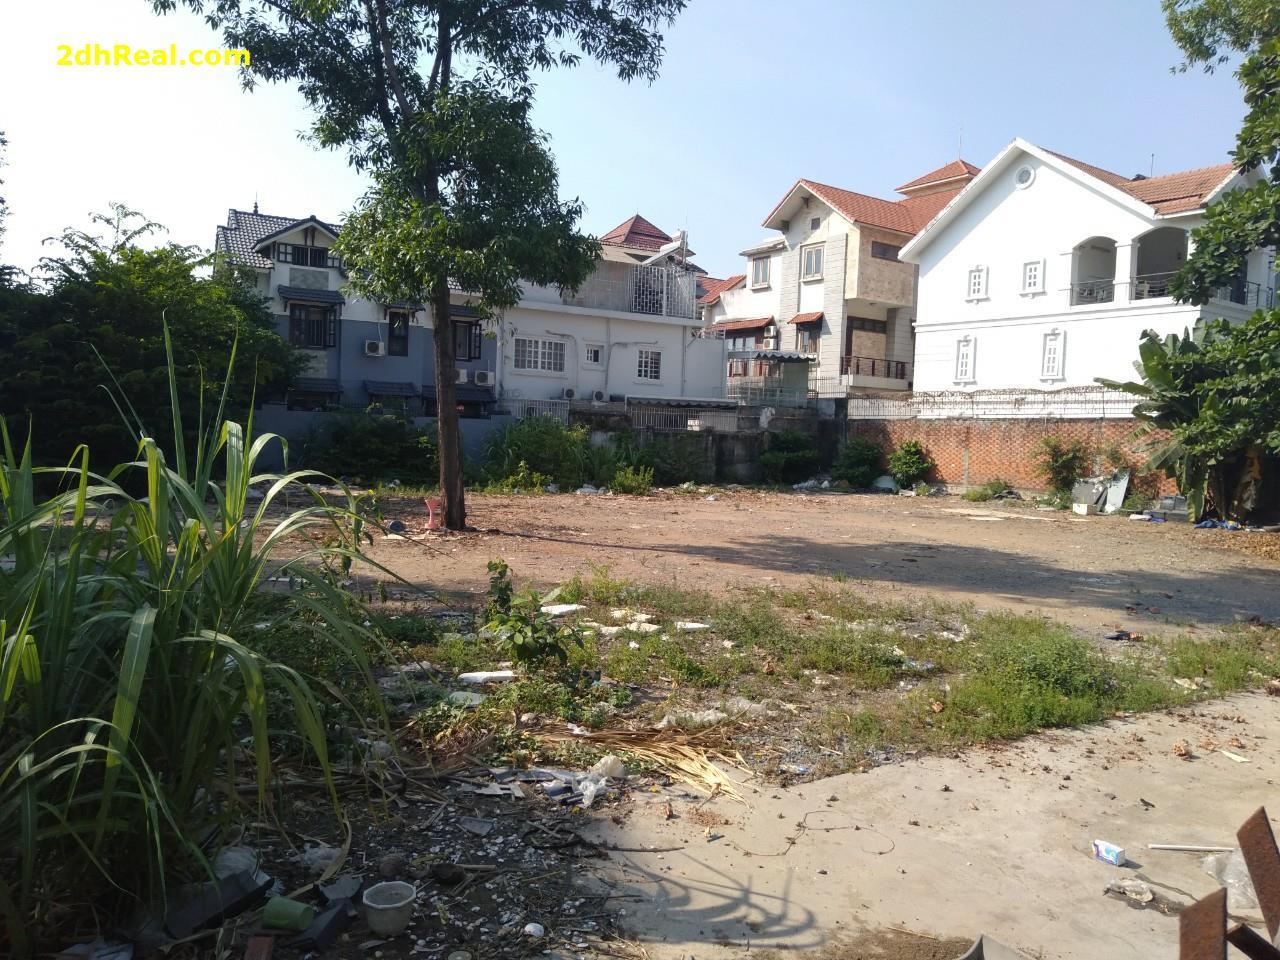 Bán Lô Đất Số 28 Đường 12 Trần Não - Kế Bên Khu Biệt thự Hoa Hồng, phường Bình An, Quận 2